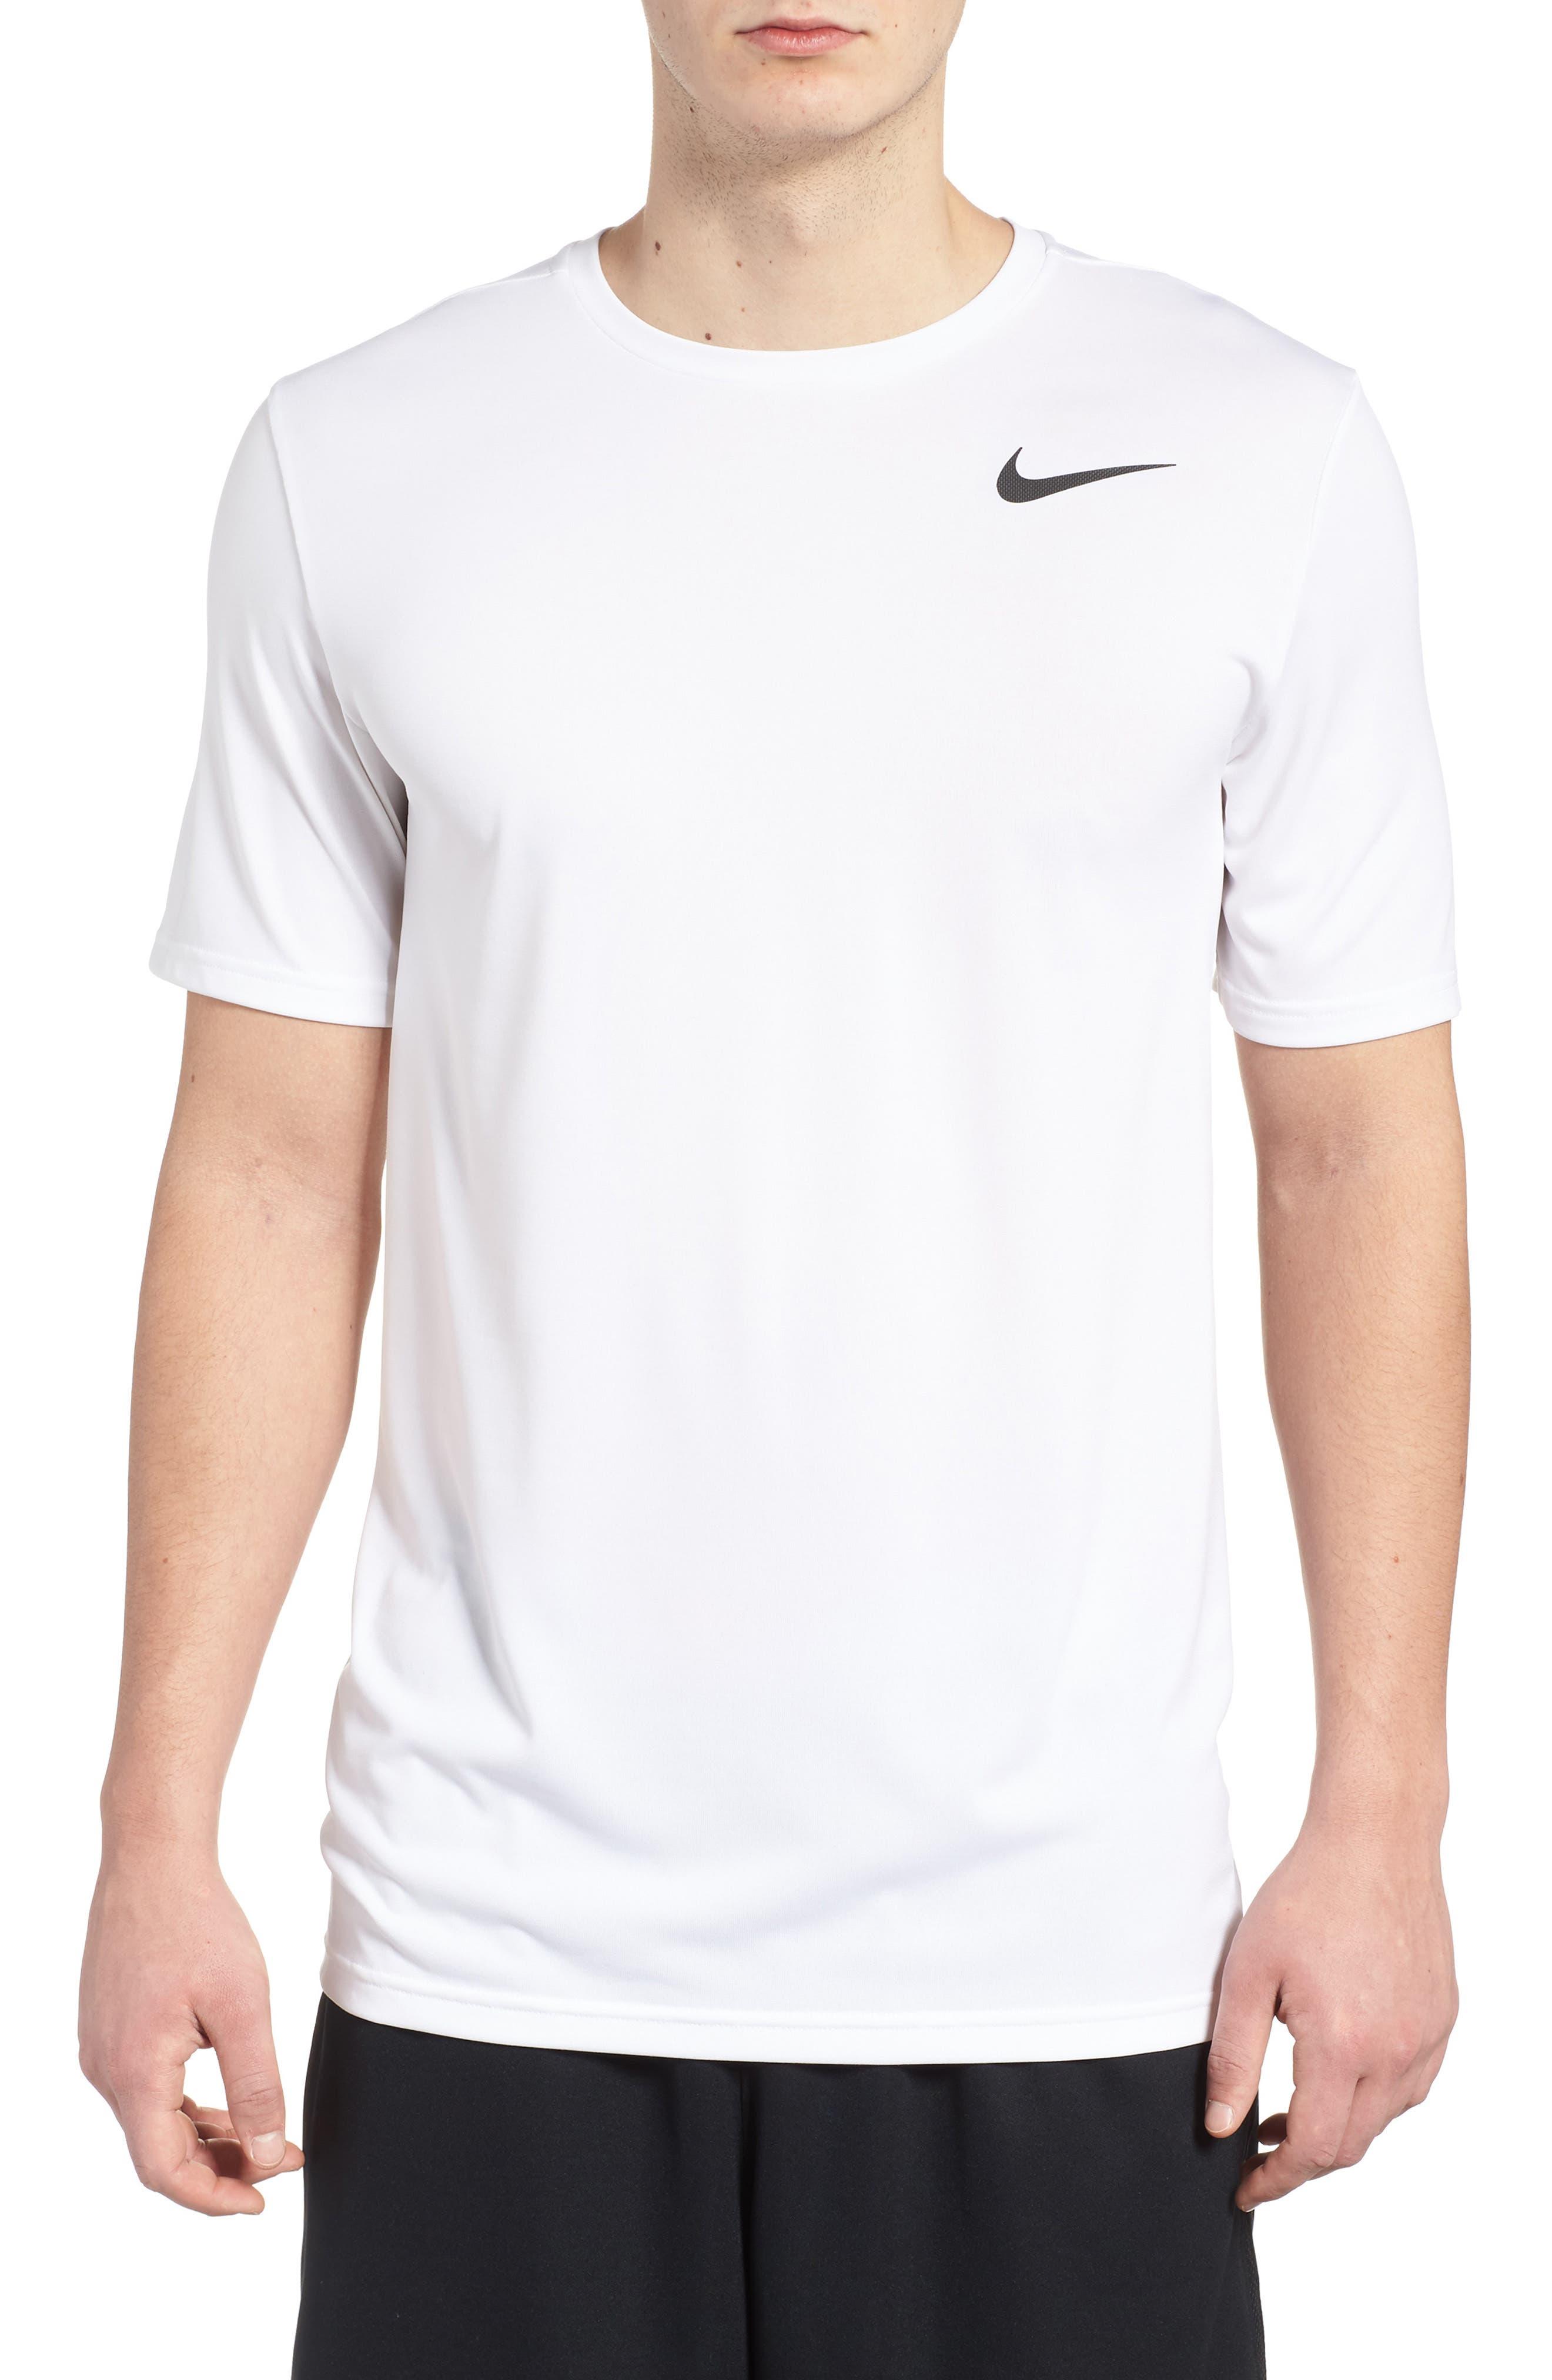 Hyper Dry Training T-Shirt,                         Main,                         color, White/ White/ Black